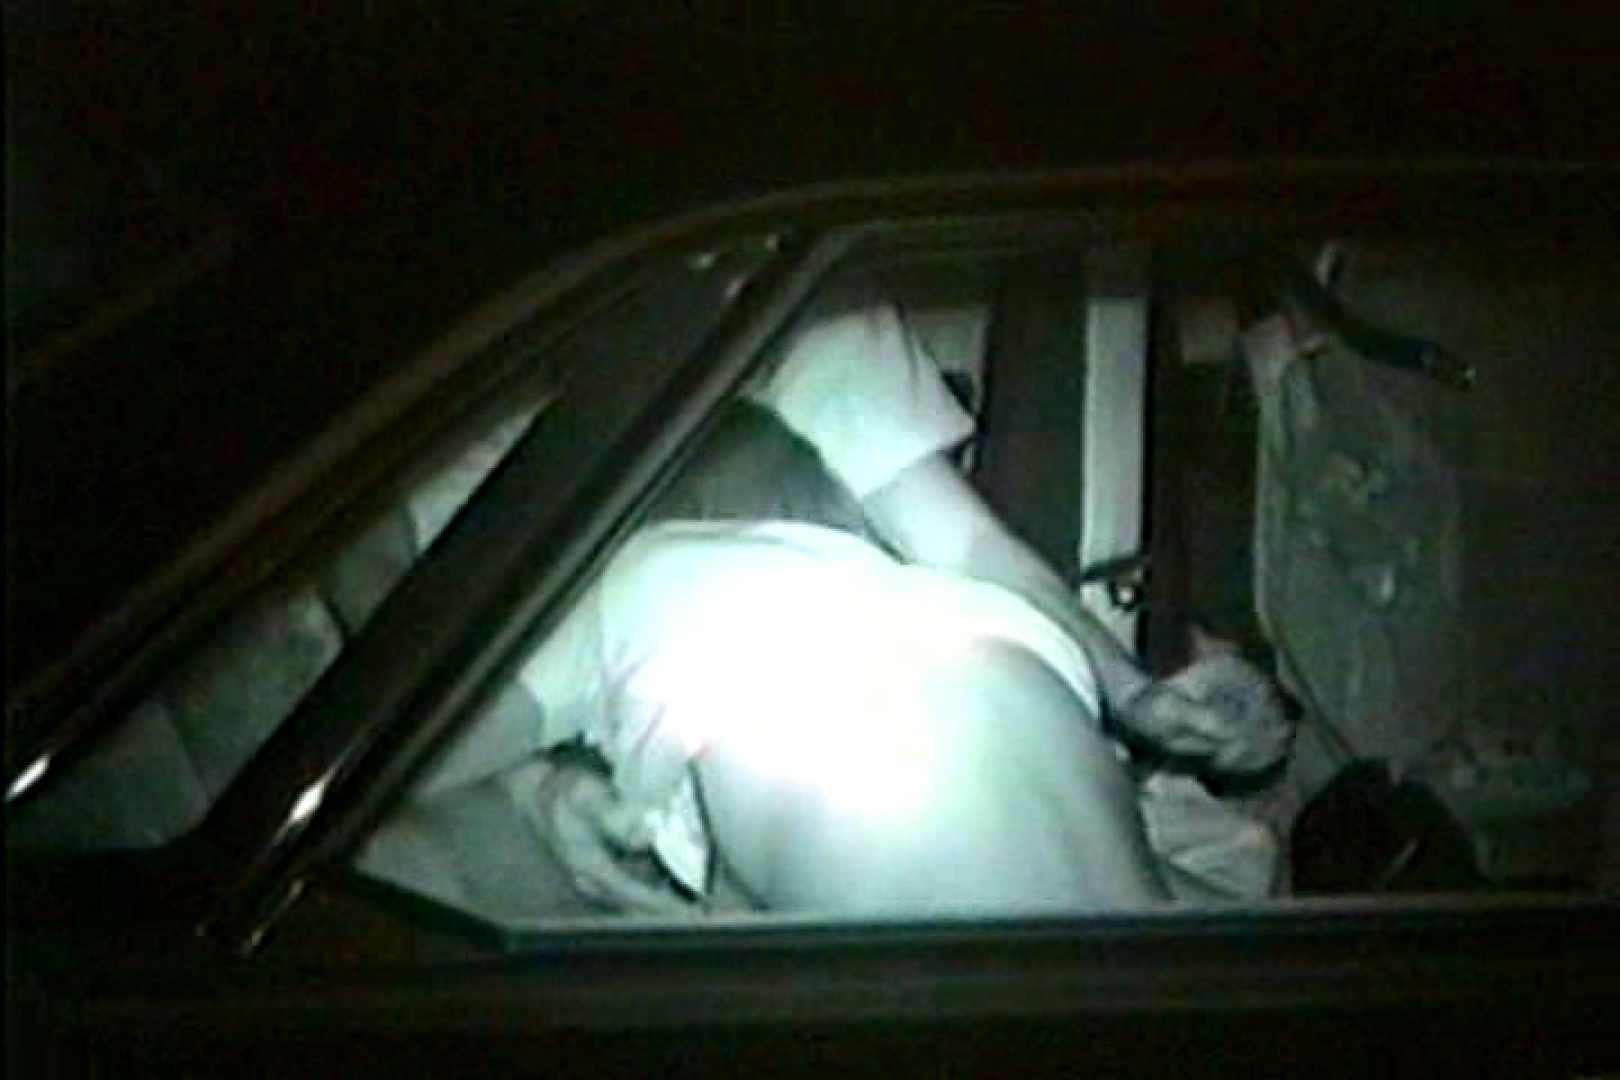 車の中はラブホテル 無修正版  Vol.6 ホテル AV無料動画キャプチャ 104pic 12